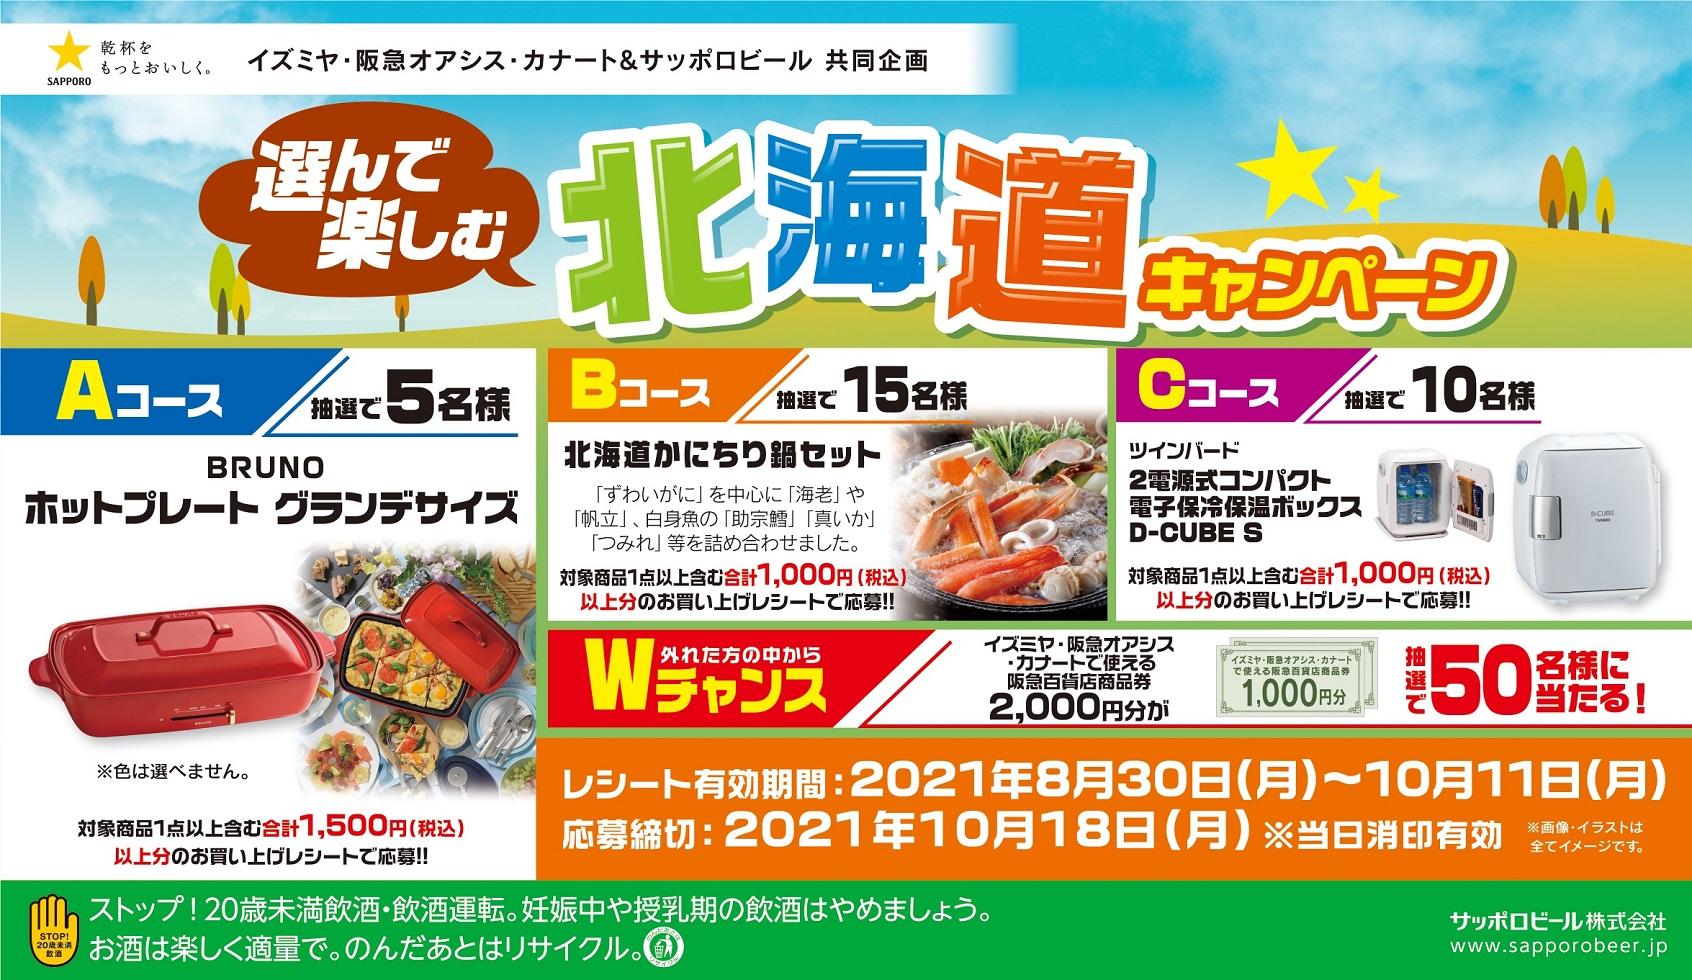 選んで楽しむ北海道キャンペーン